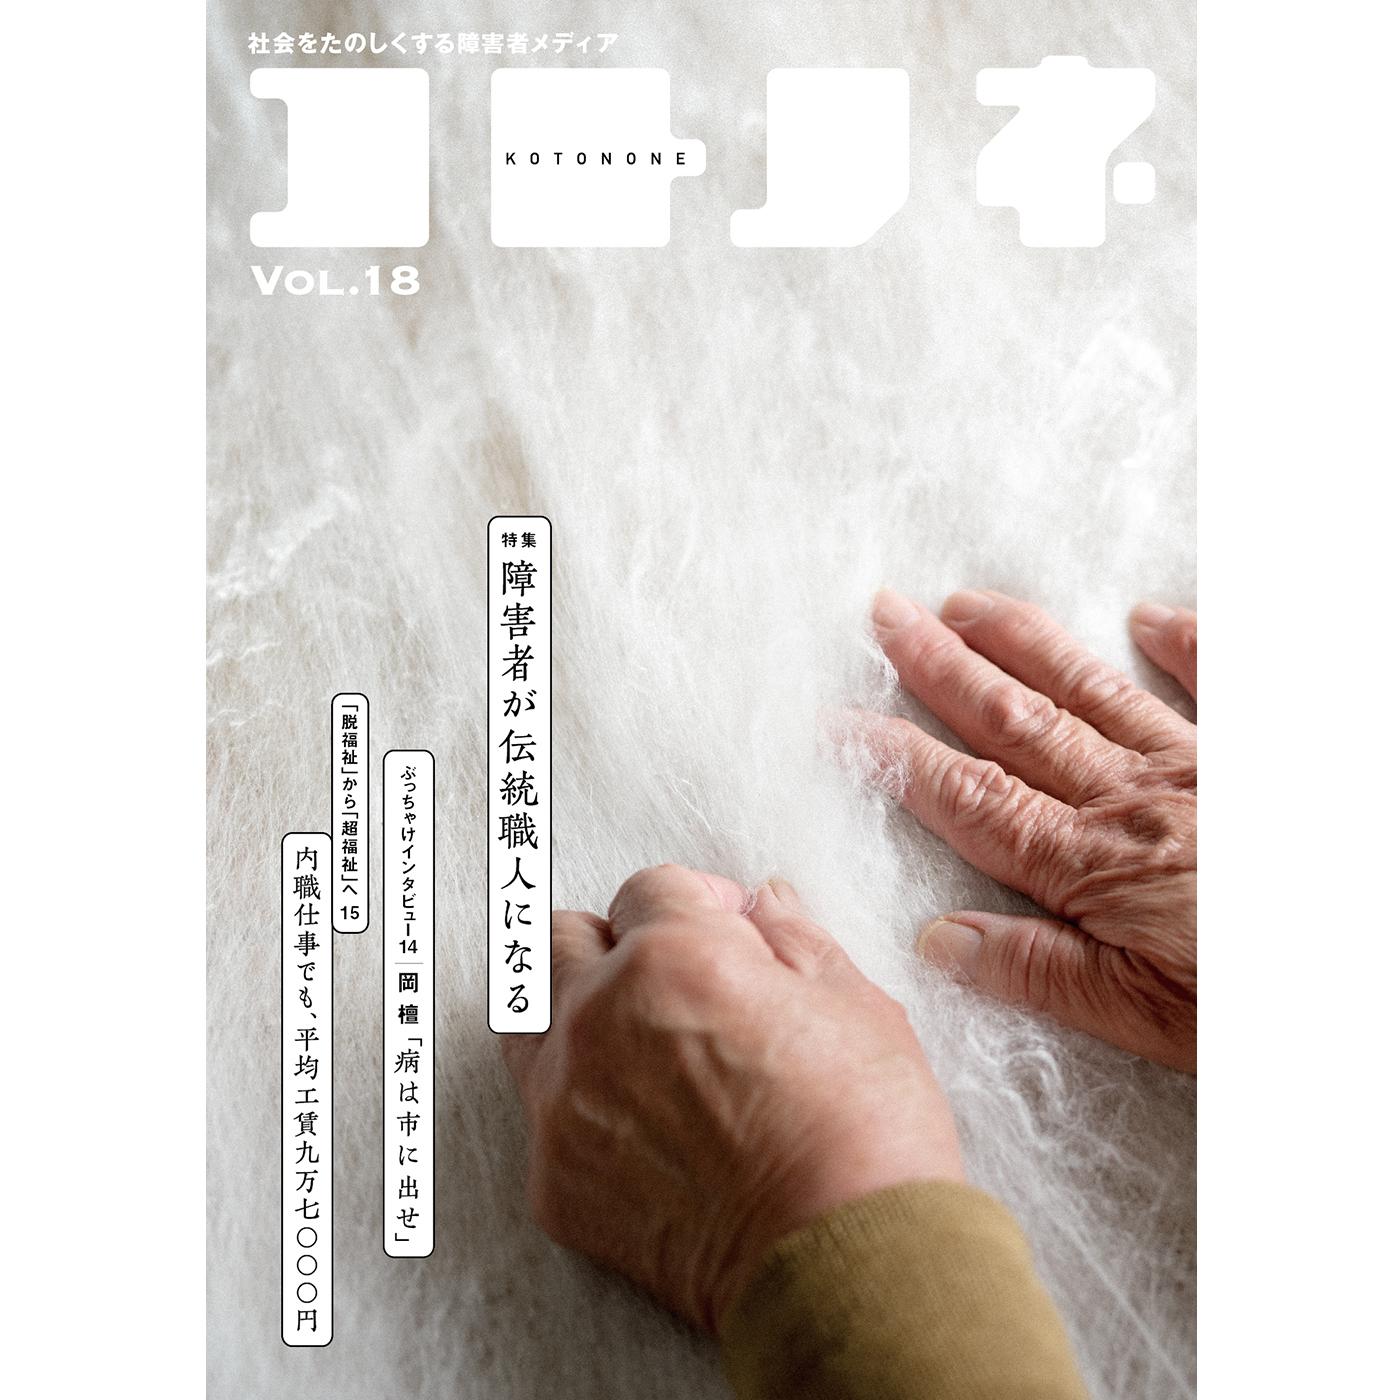 フェリシモ 社会をたのしくする障害者メディア 雑誌 コトノネ Vol.18